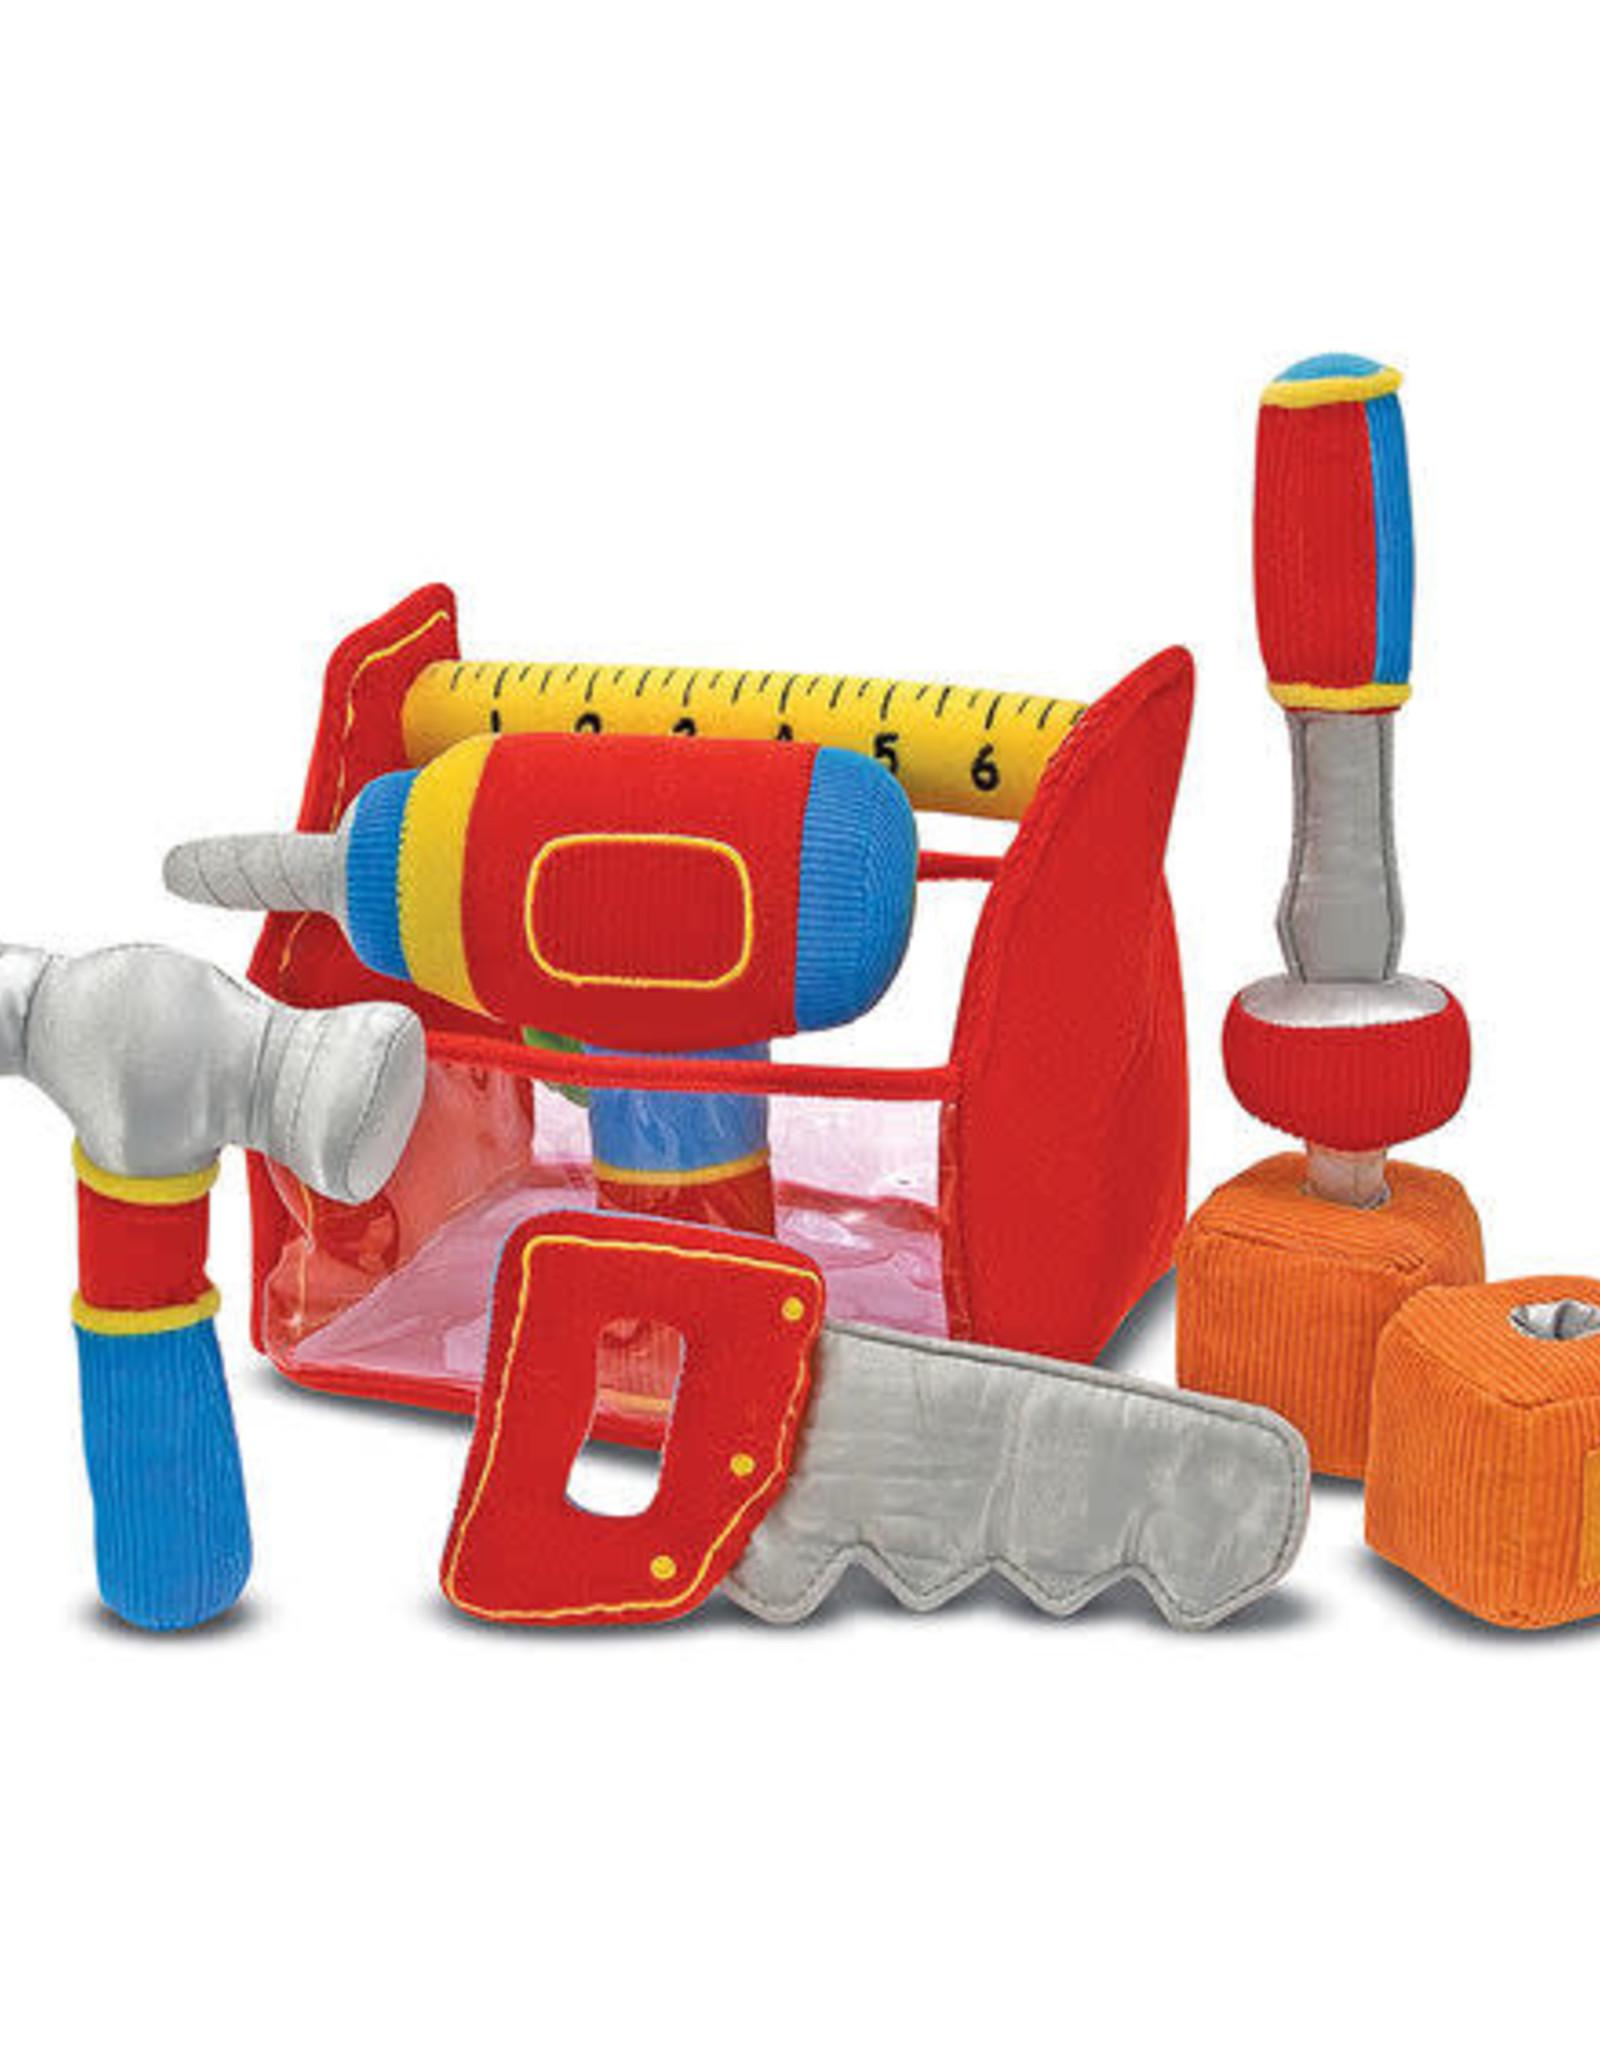 Melissa & Doug MD Fill & Spill Toolbox